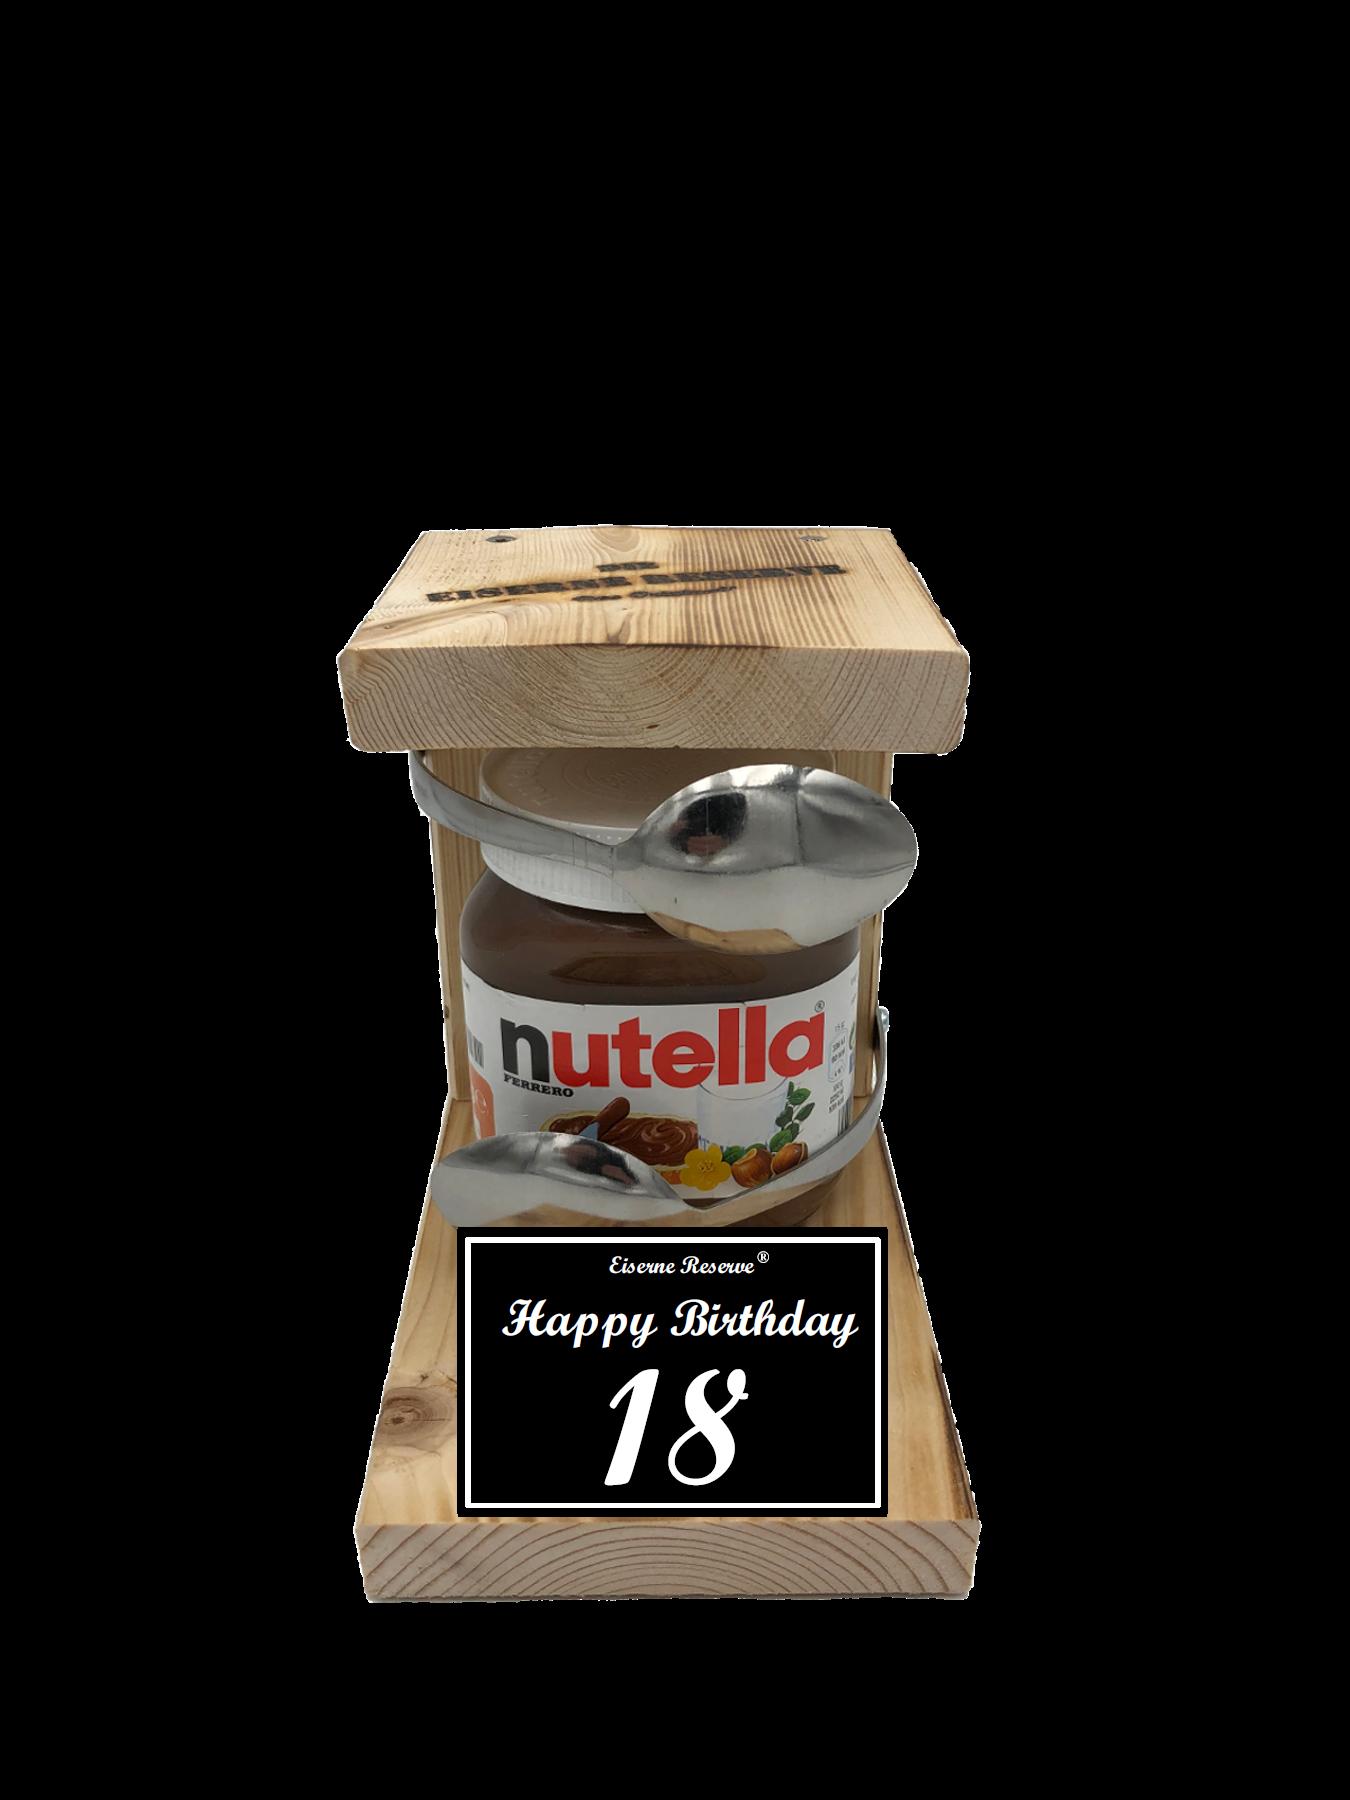 18 Happy Birthday Löffel Nutella Geschenk - Die Nutella Geschenkidee